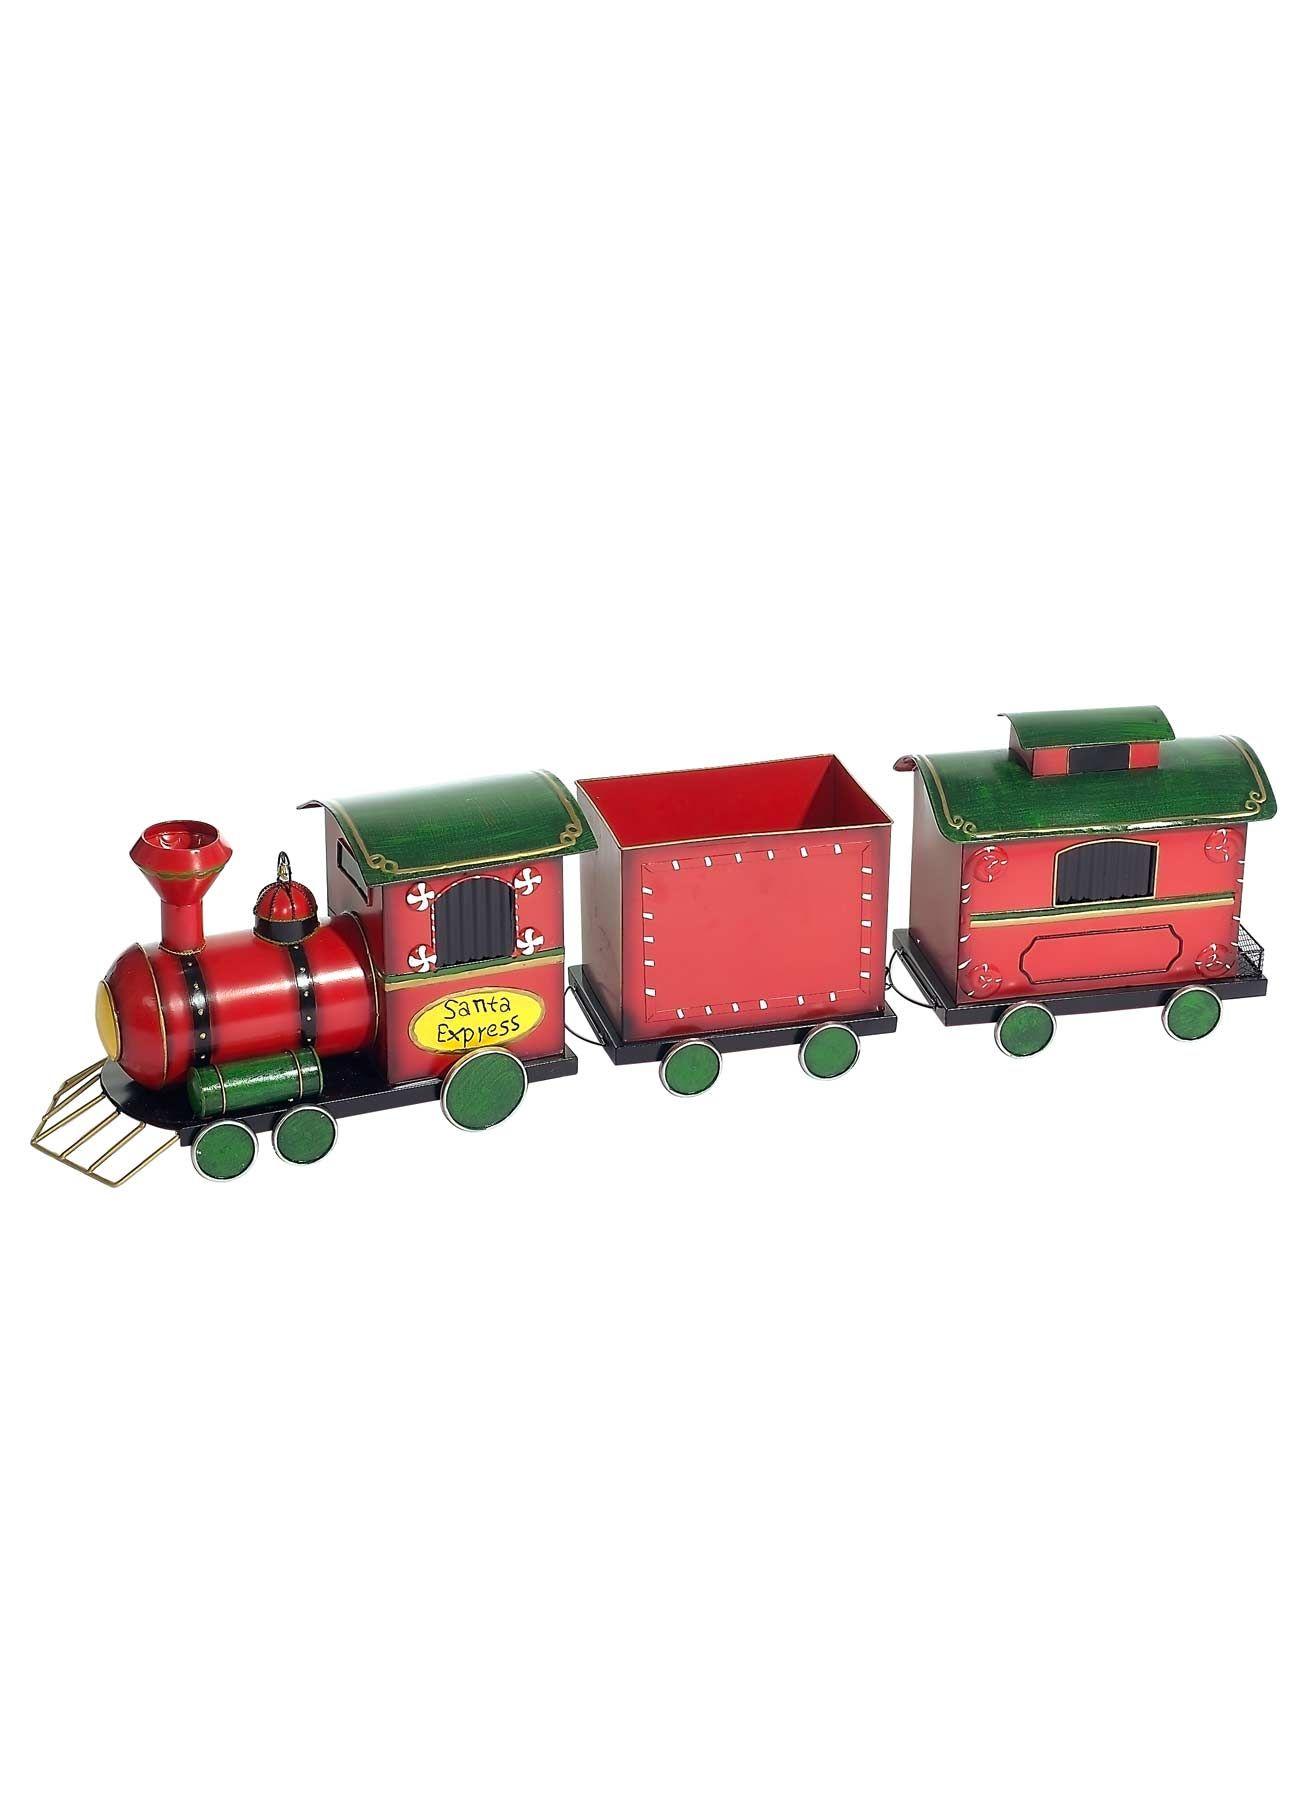 Eisenbahn Weihnachtsdeko.Santa Express Eisenbahn Weihnachtsdeko Hello Santa